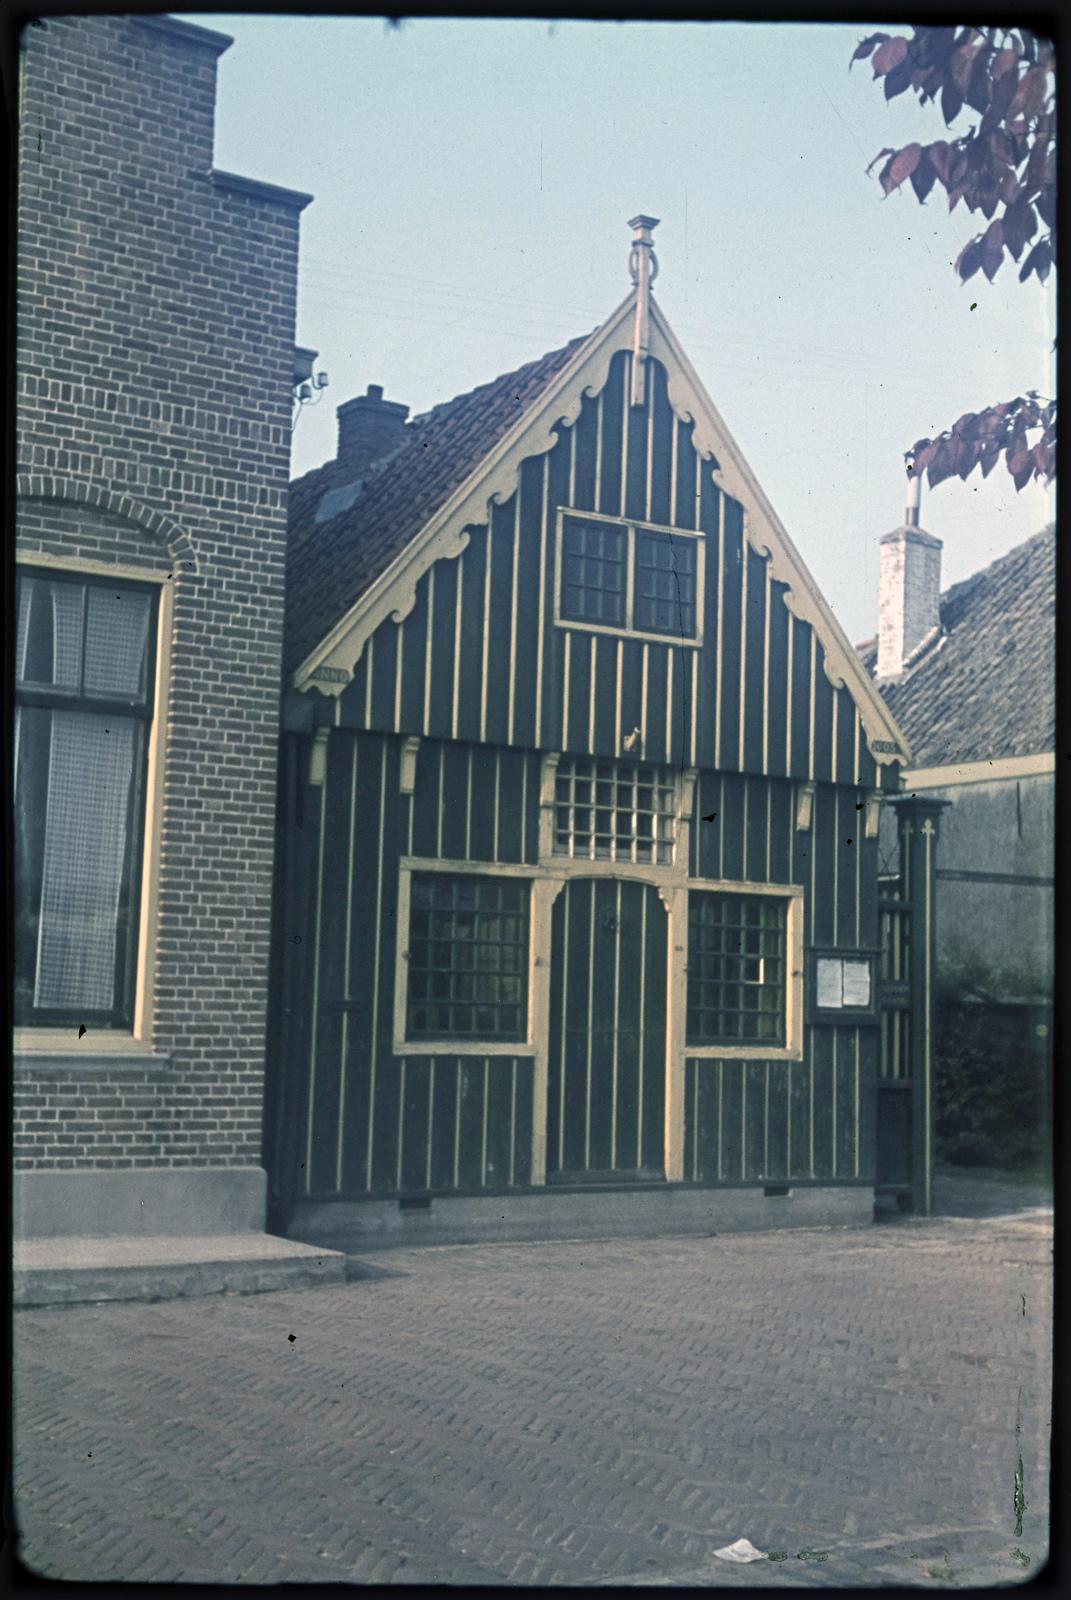 Houten woonhuis in Edam